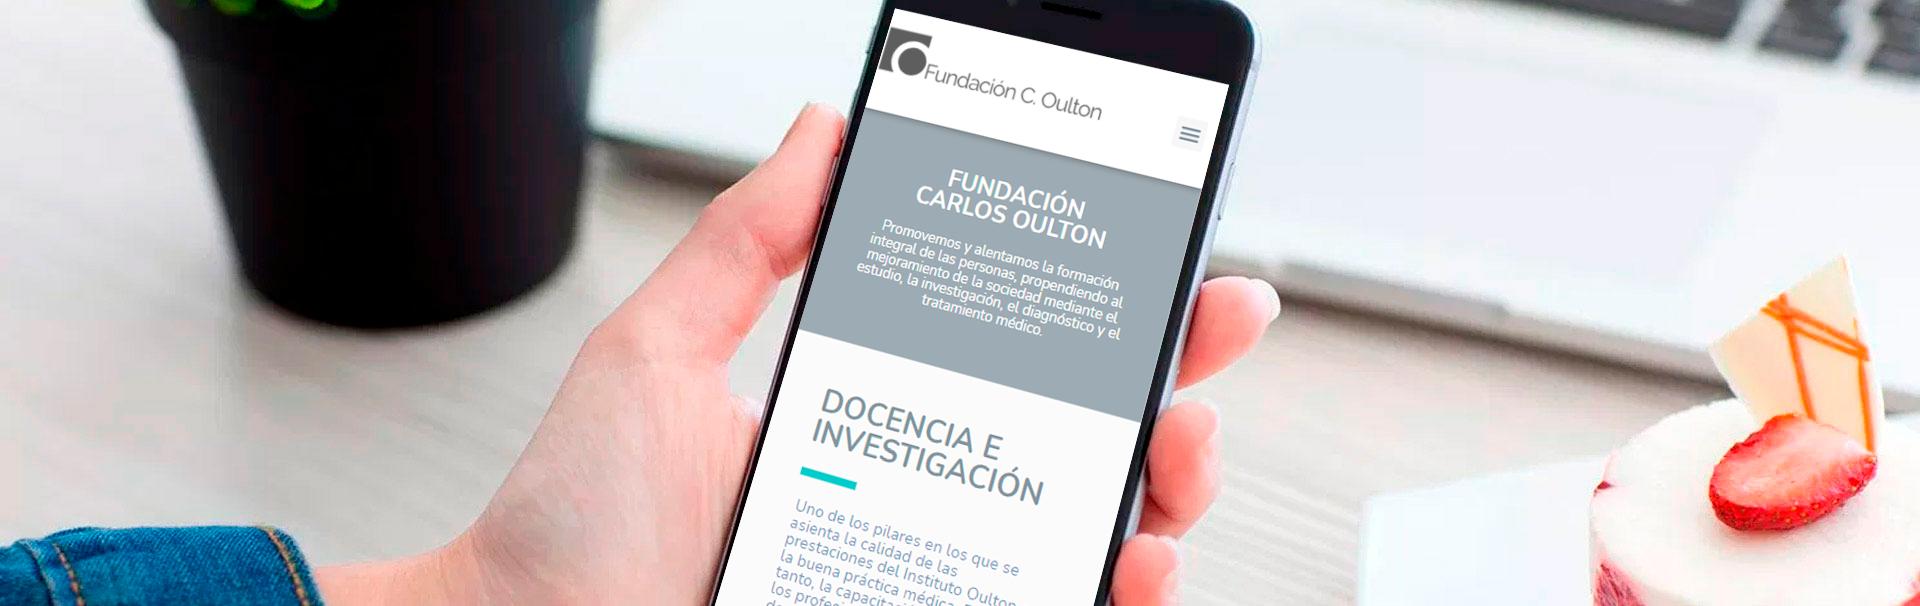 Fundación Carlos Oulton